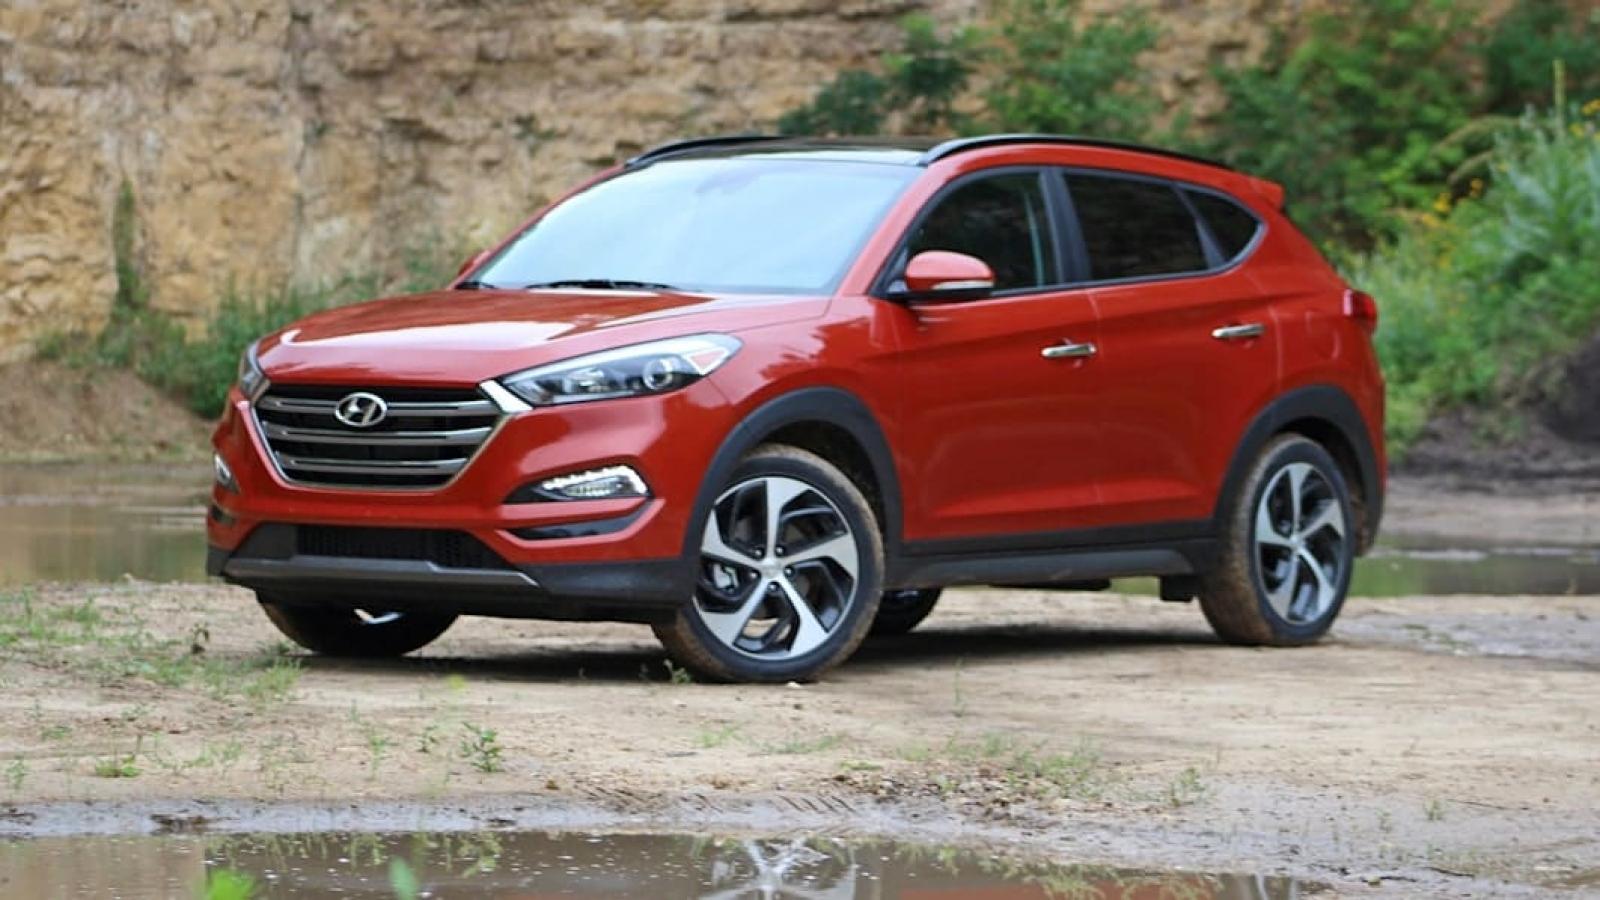 Hyundai triệu hồi gần 100.000 xe Tucson và Sonata có nguy cơ cháy